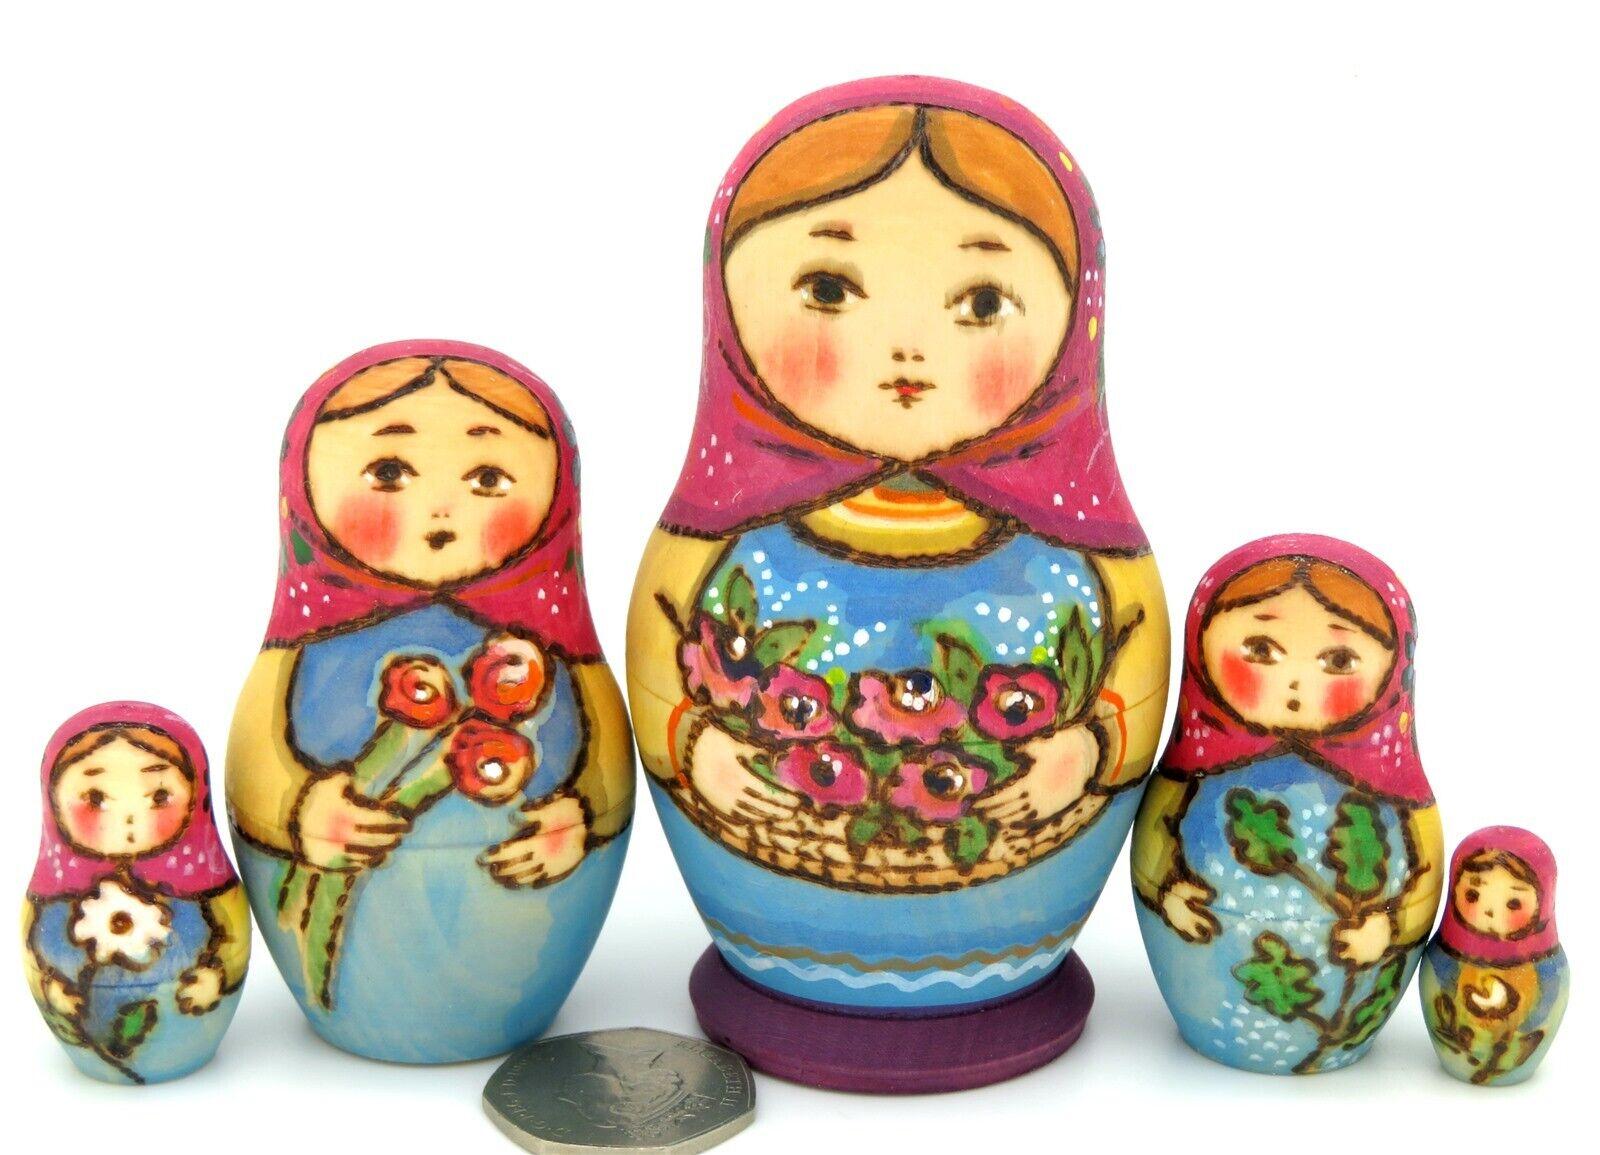 Ryabova matriosca russo baautoautobushka nidificazione  bambole piccole 5 DIPINTI A uomoO firmato  Sconto del 70% a buon mercato